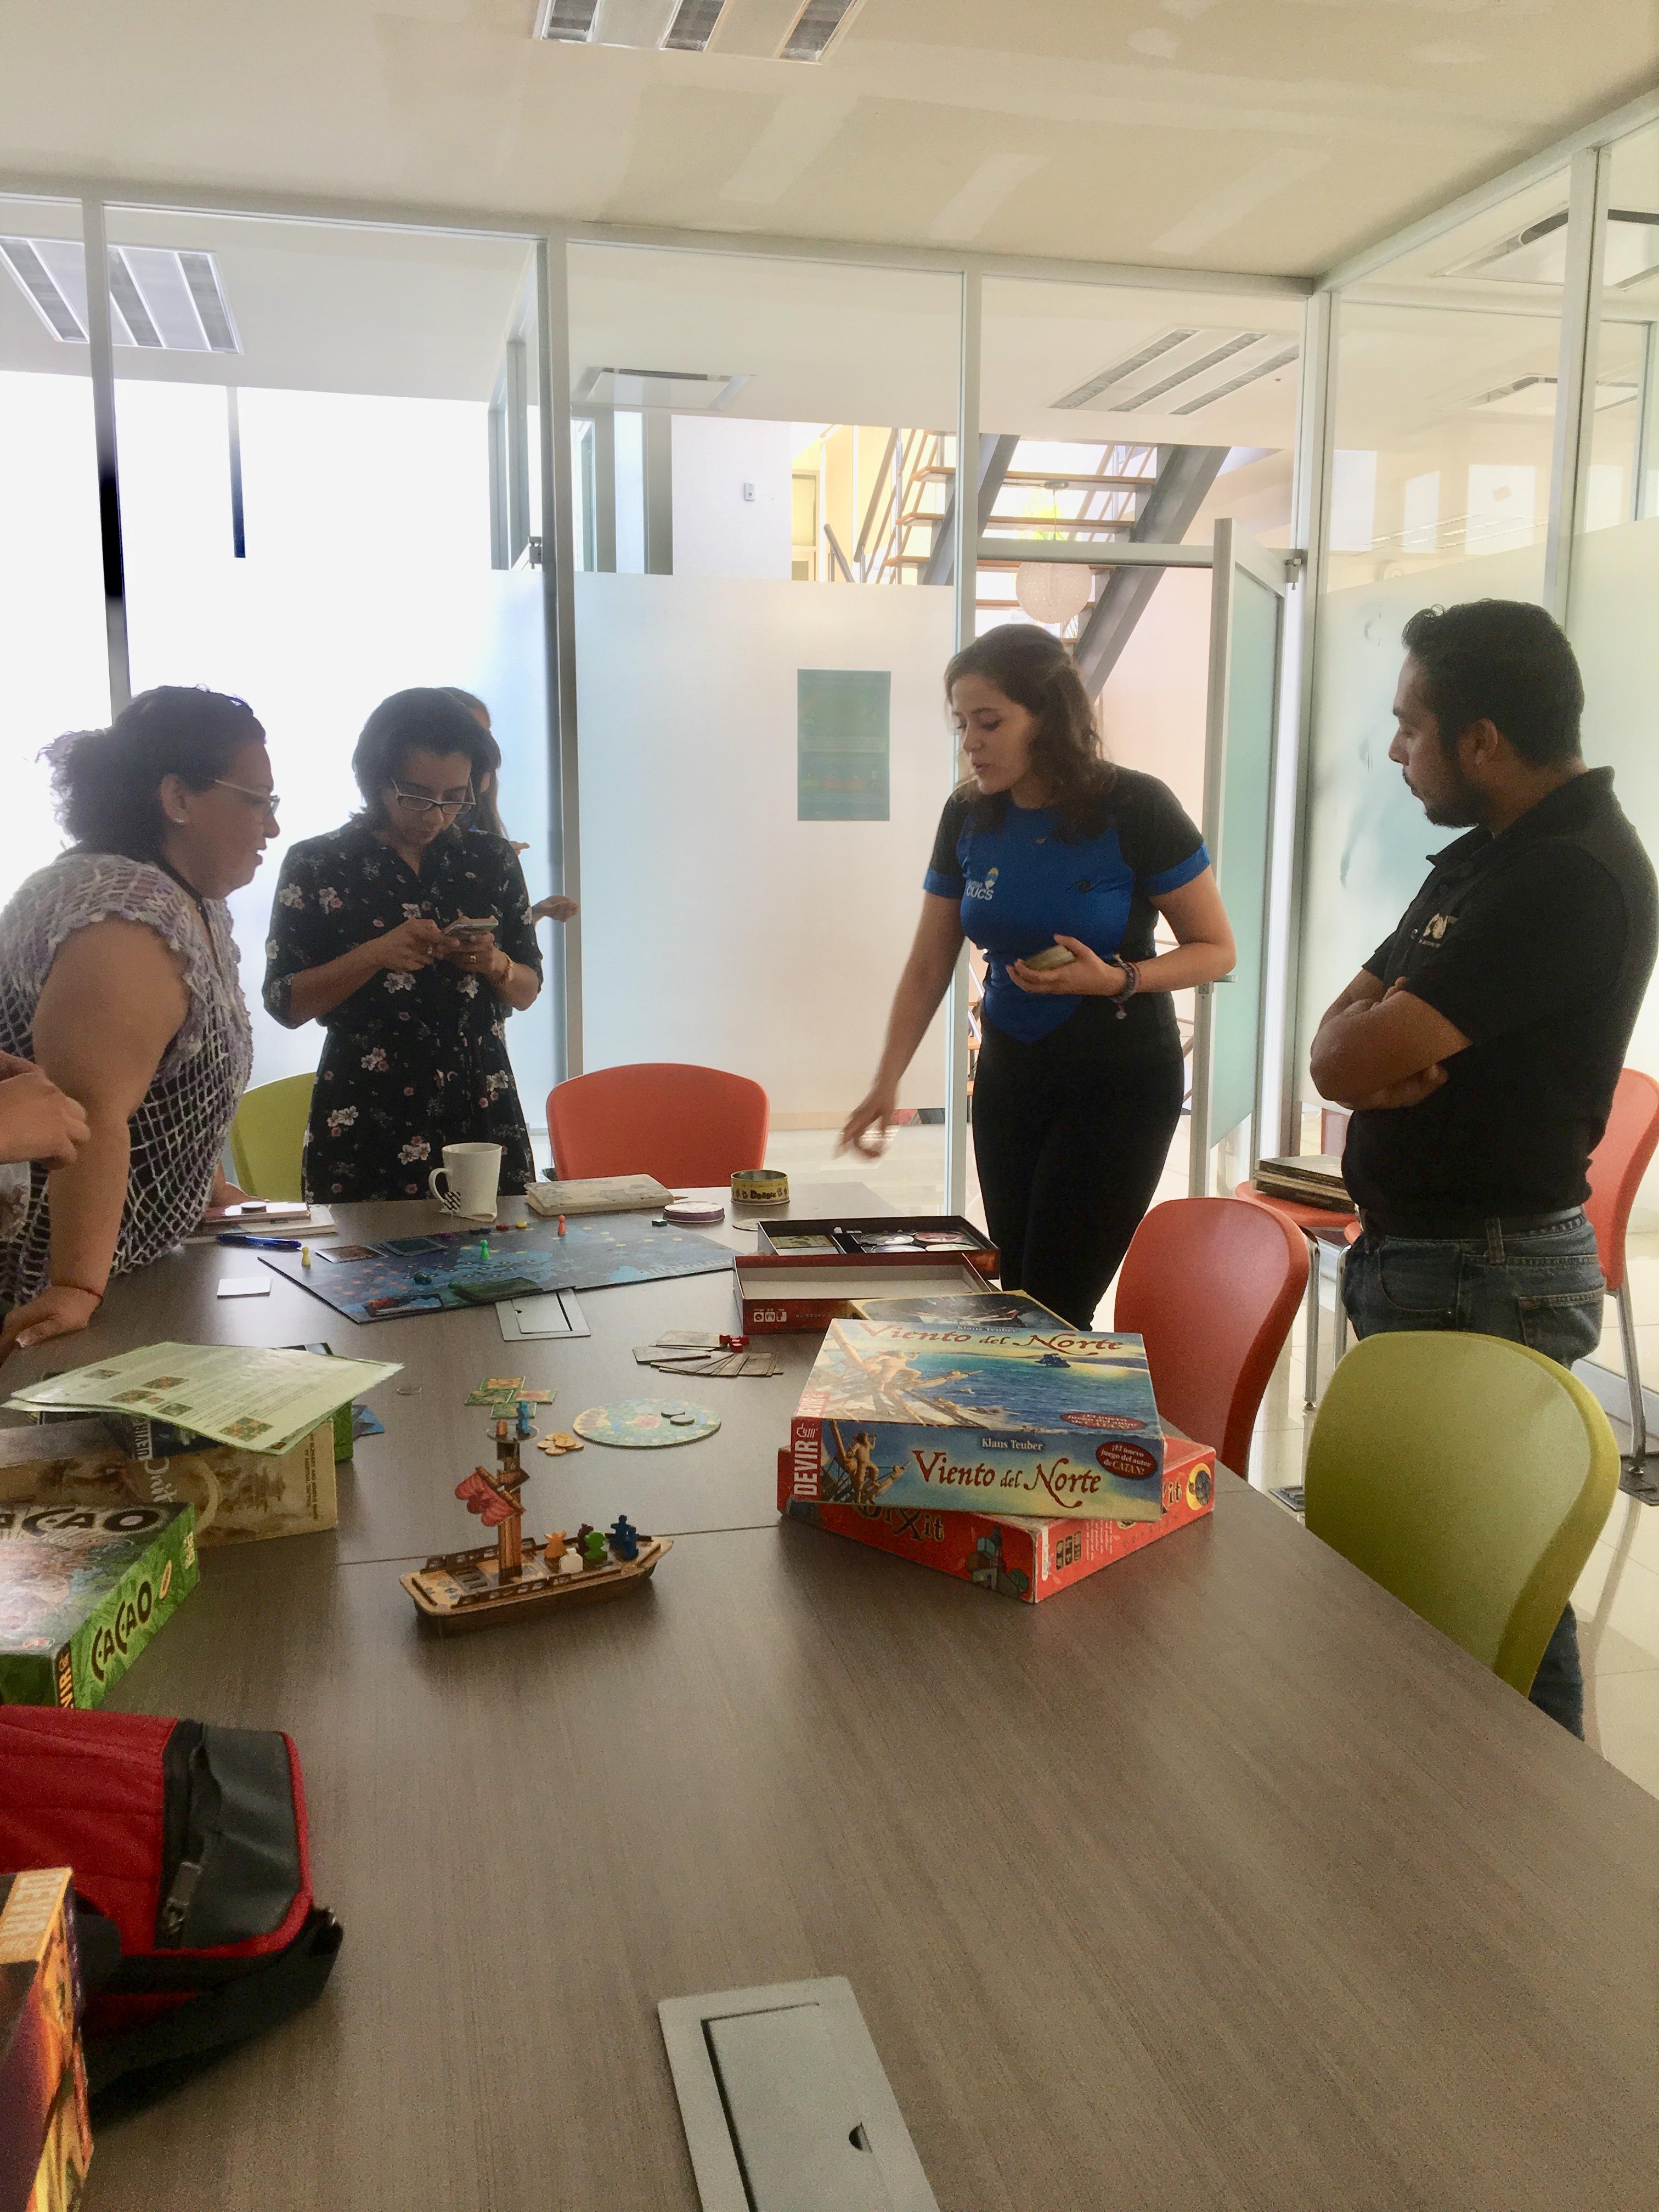 Colaboradoras del JuegaCUCS presentando el proyecto